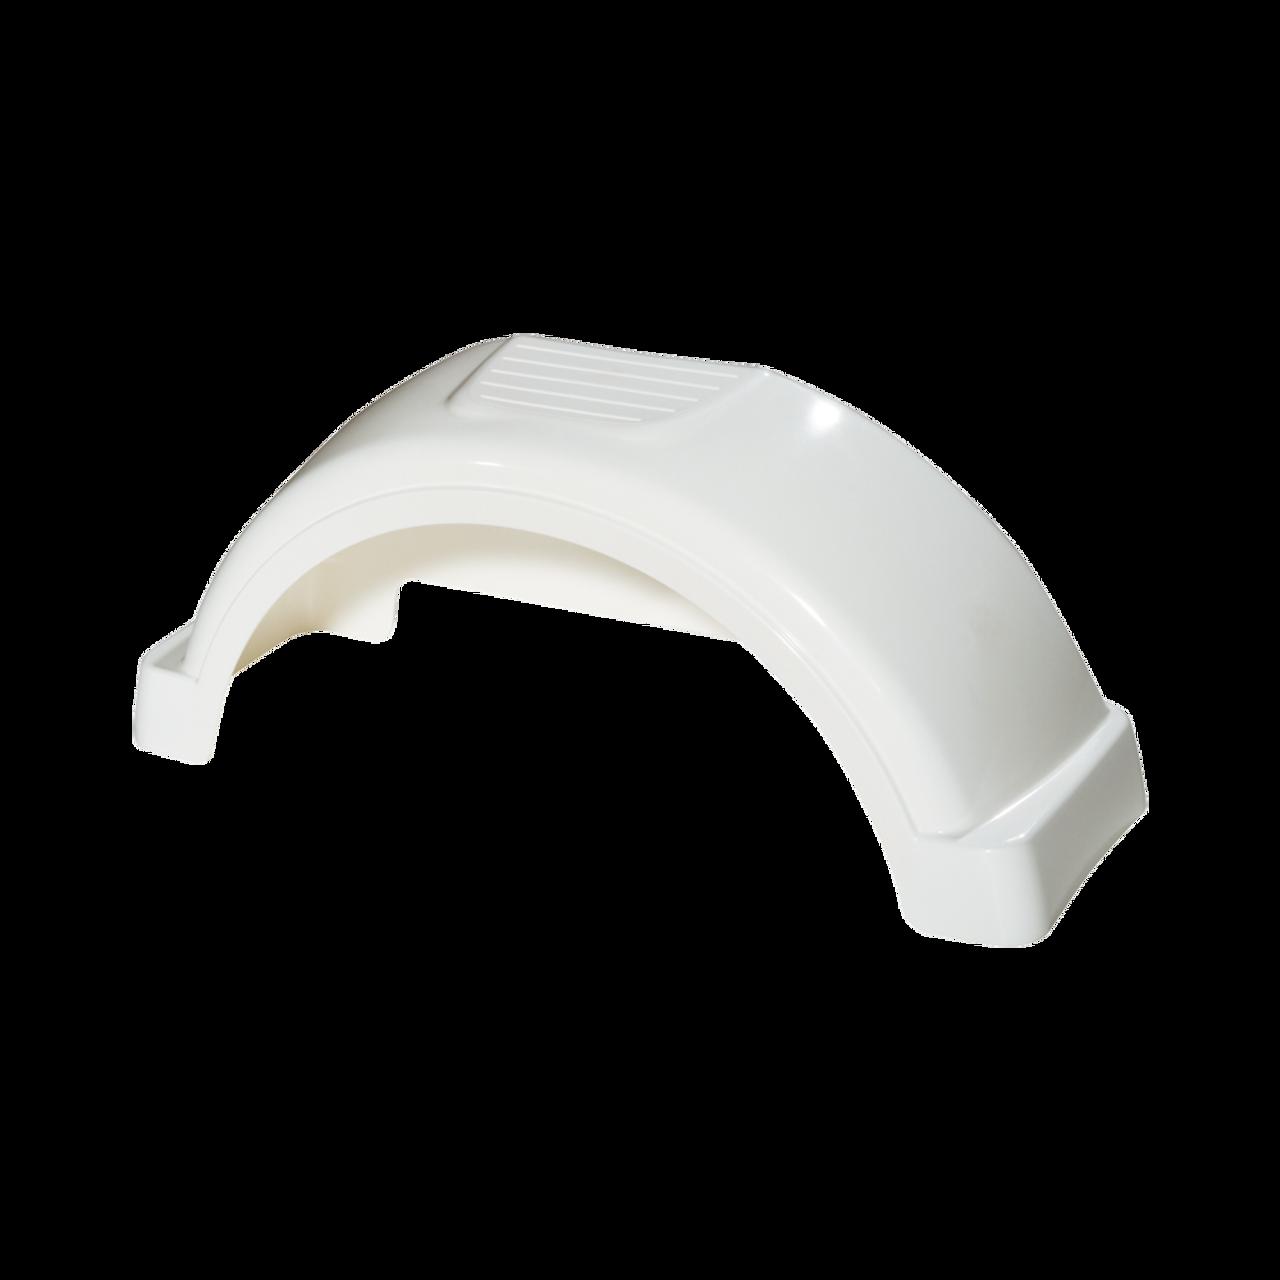 """White Plastic Trailer Fender - 13"""" Tire Size - One Fender - 008543"""